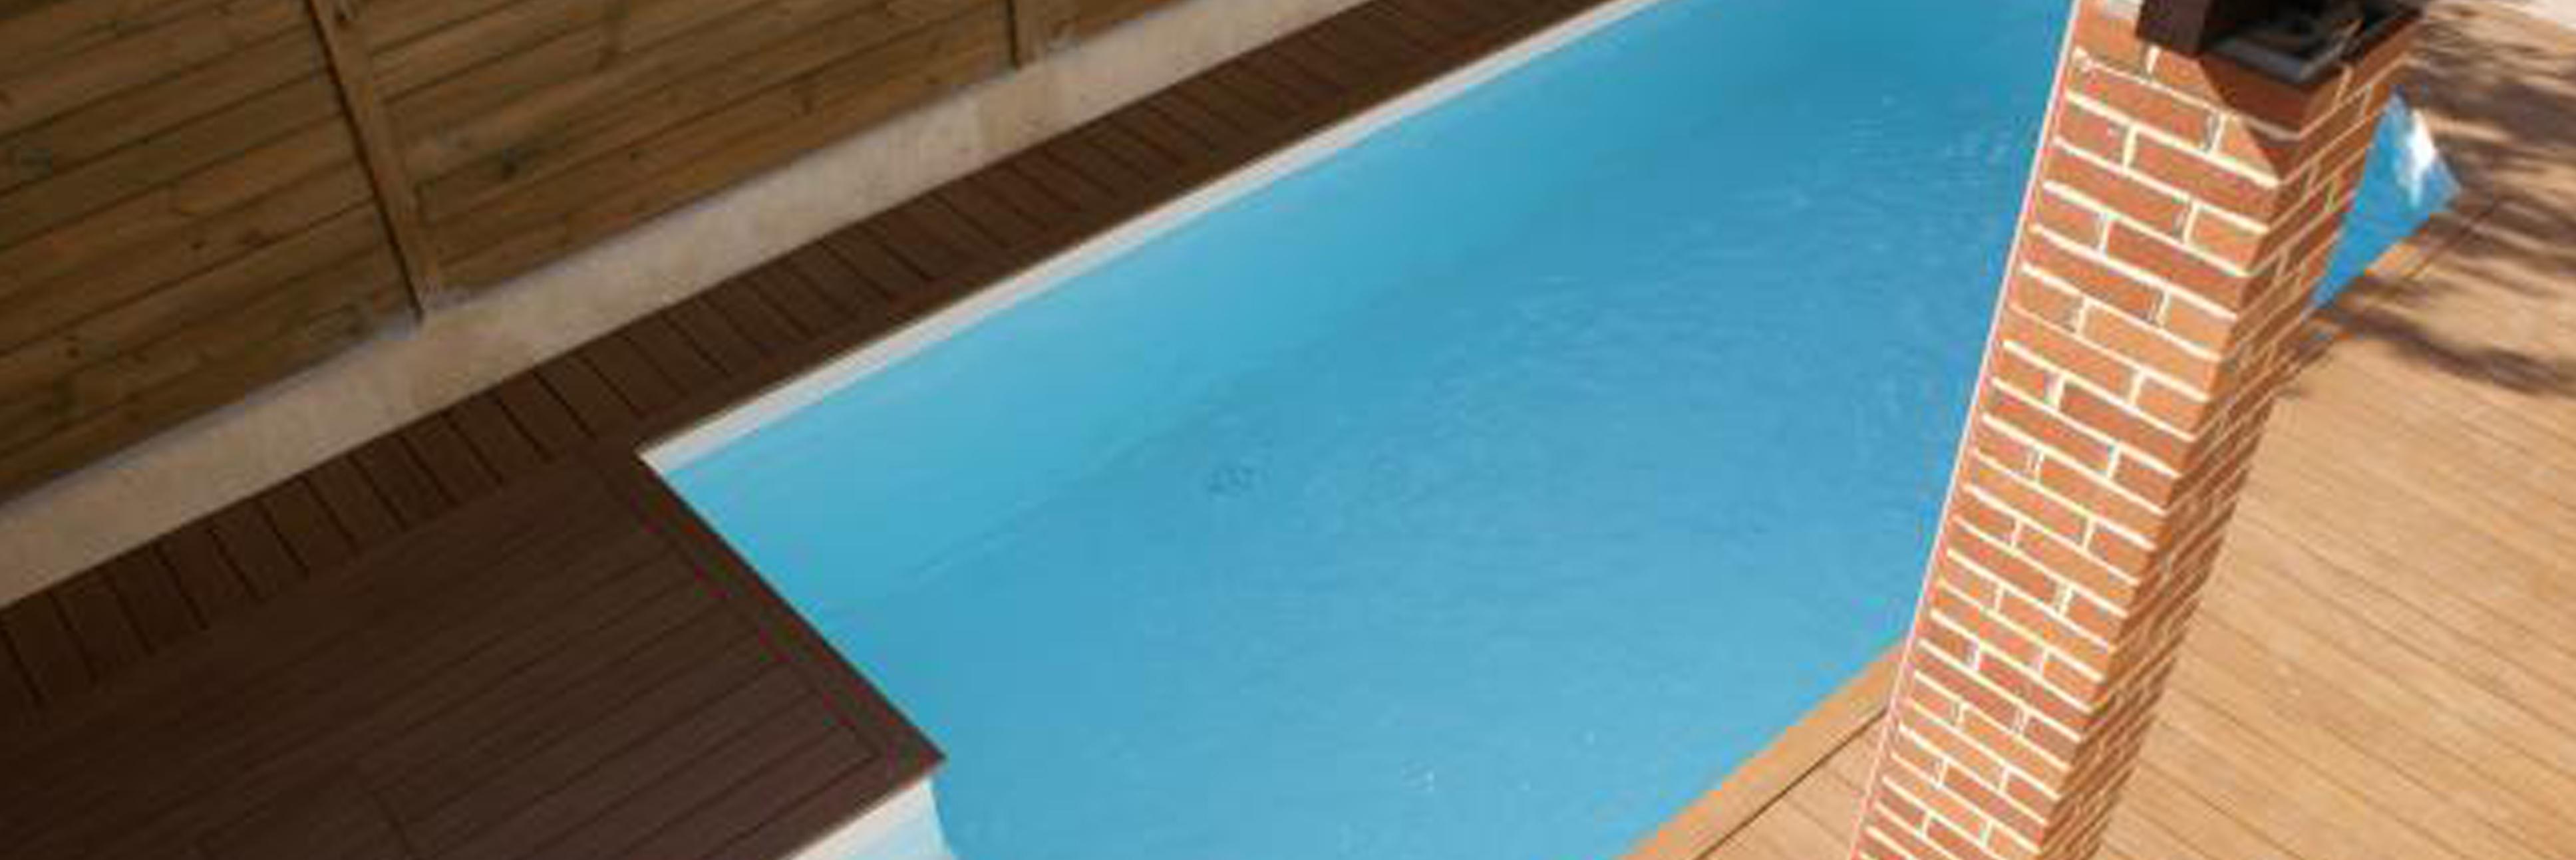 Piscines Concept Bois – La piscine de vos rêves